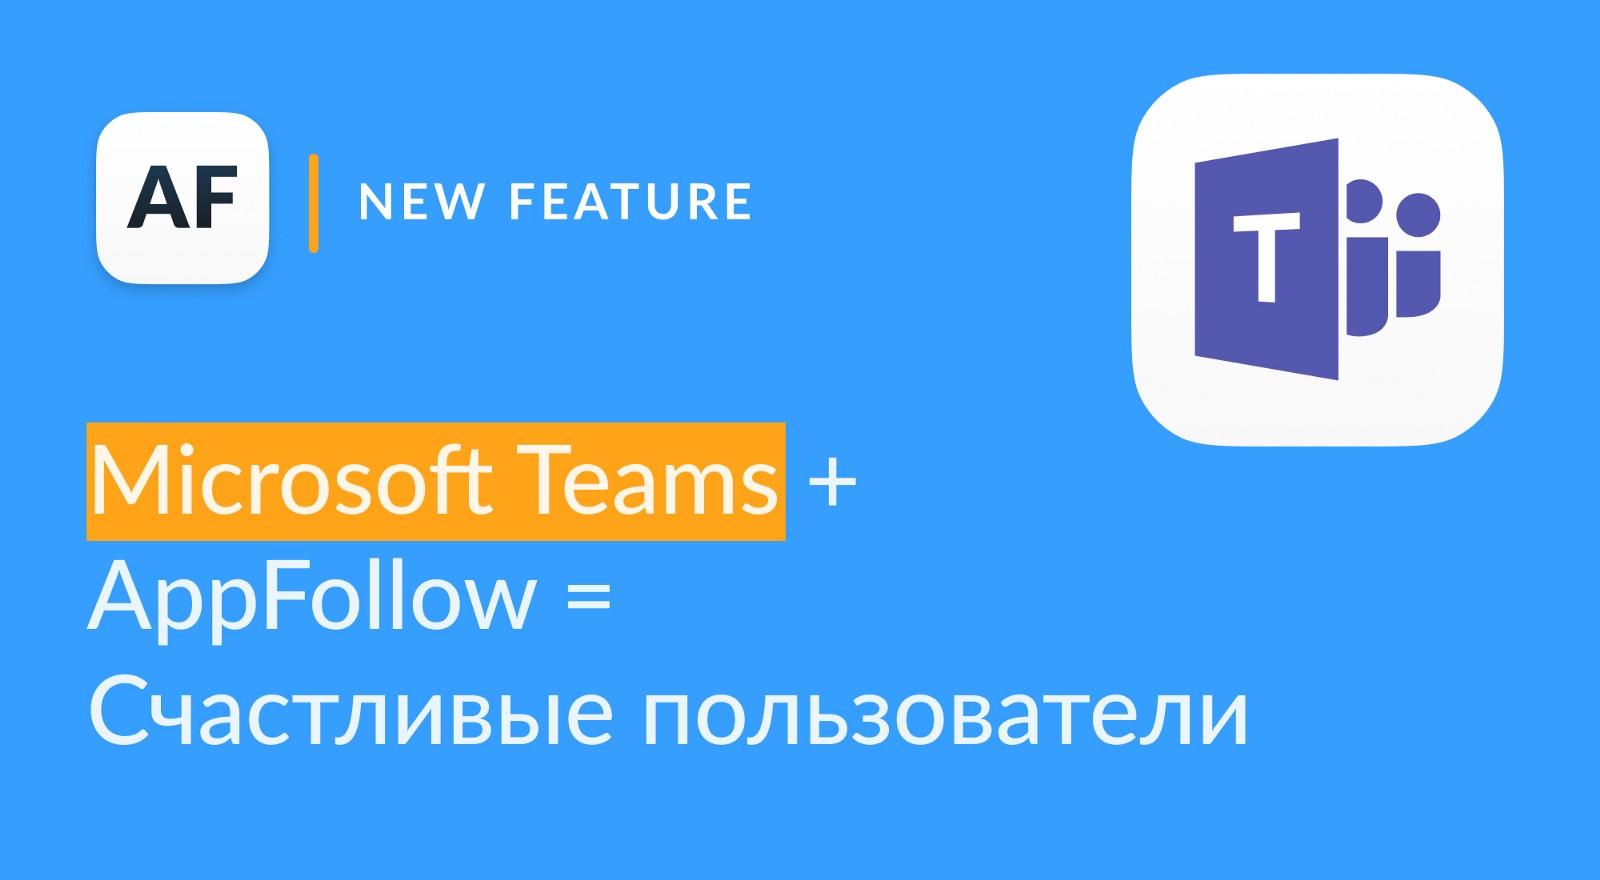 Microsoft Teams + AppFollow = Счастливые пользователи